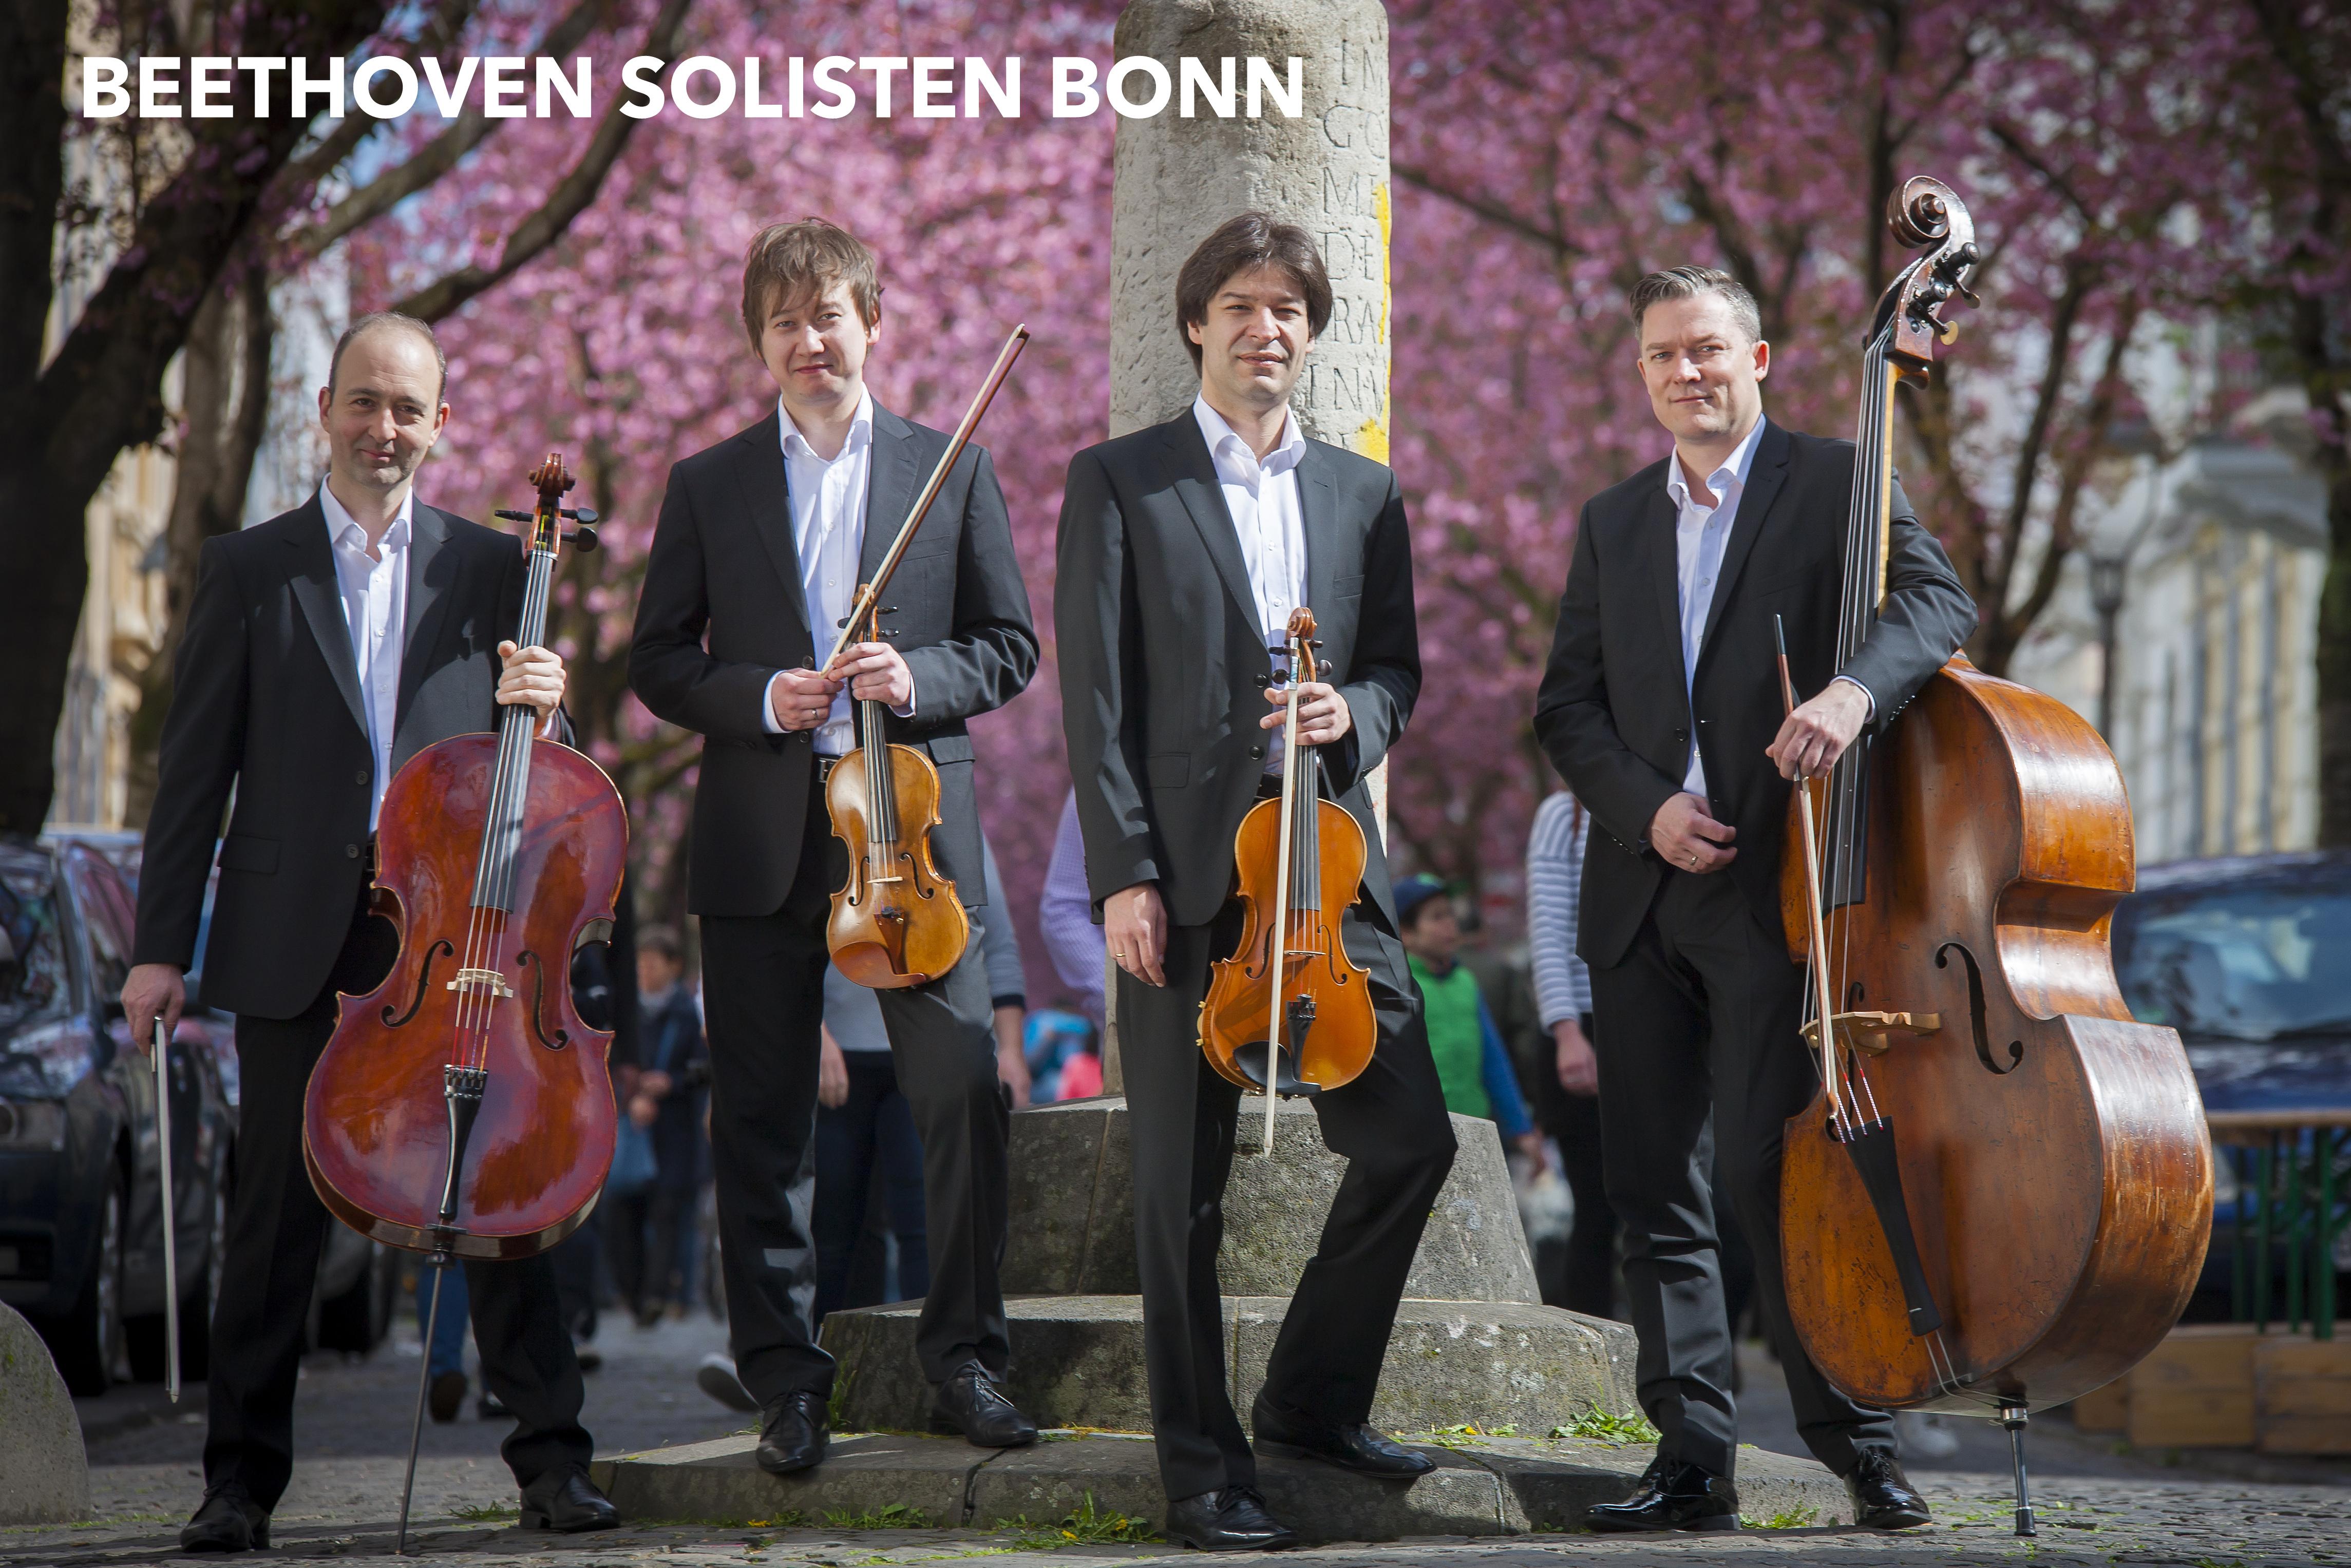 Beethoven Solisten Bonn